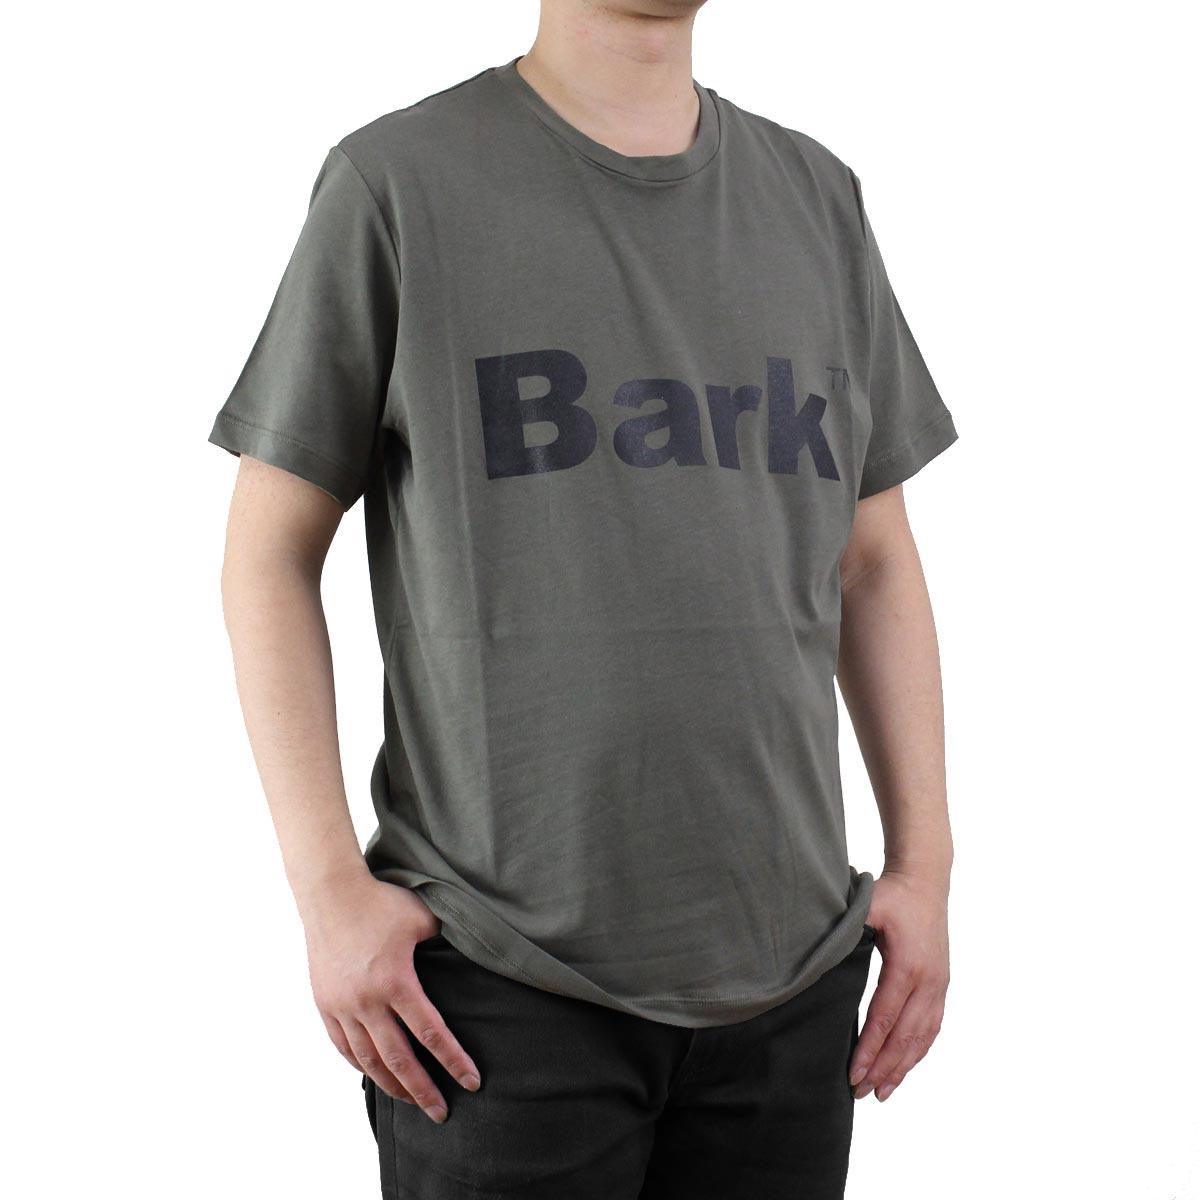 バーク Bark メンズ クルーネック 半袖 ロゴ Tシャツ 71B8715 272 KHAKI メンズ ティーシャツ【キャッシュレス 5% 還元】